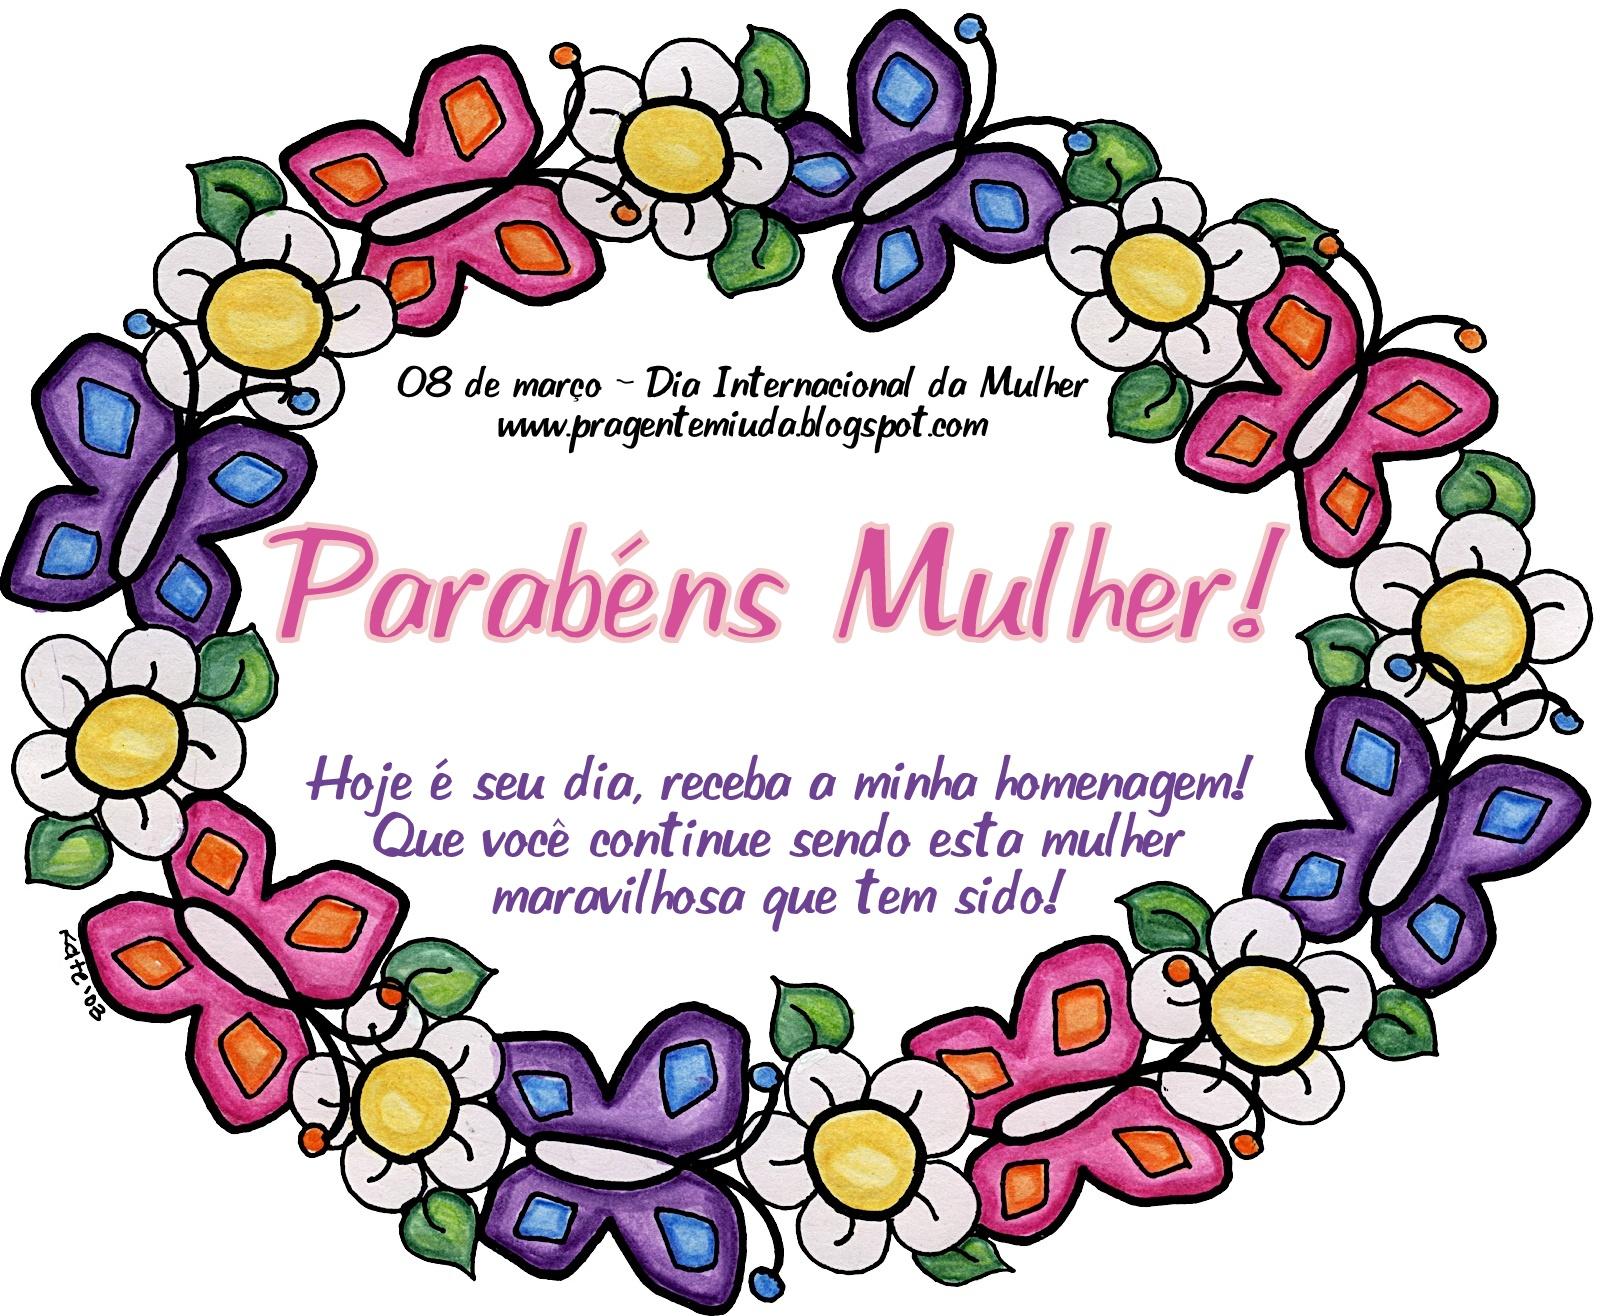 Frases Para O Dia Internacional Da Mulher 8 De Maro | Tattoo Design ...